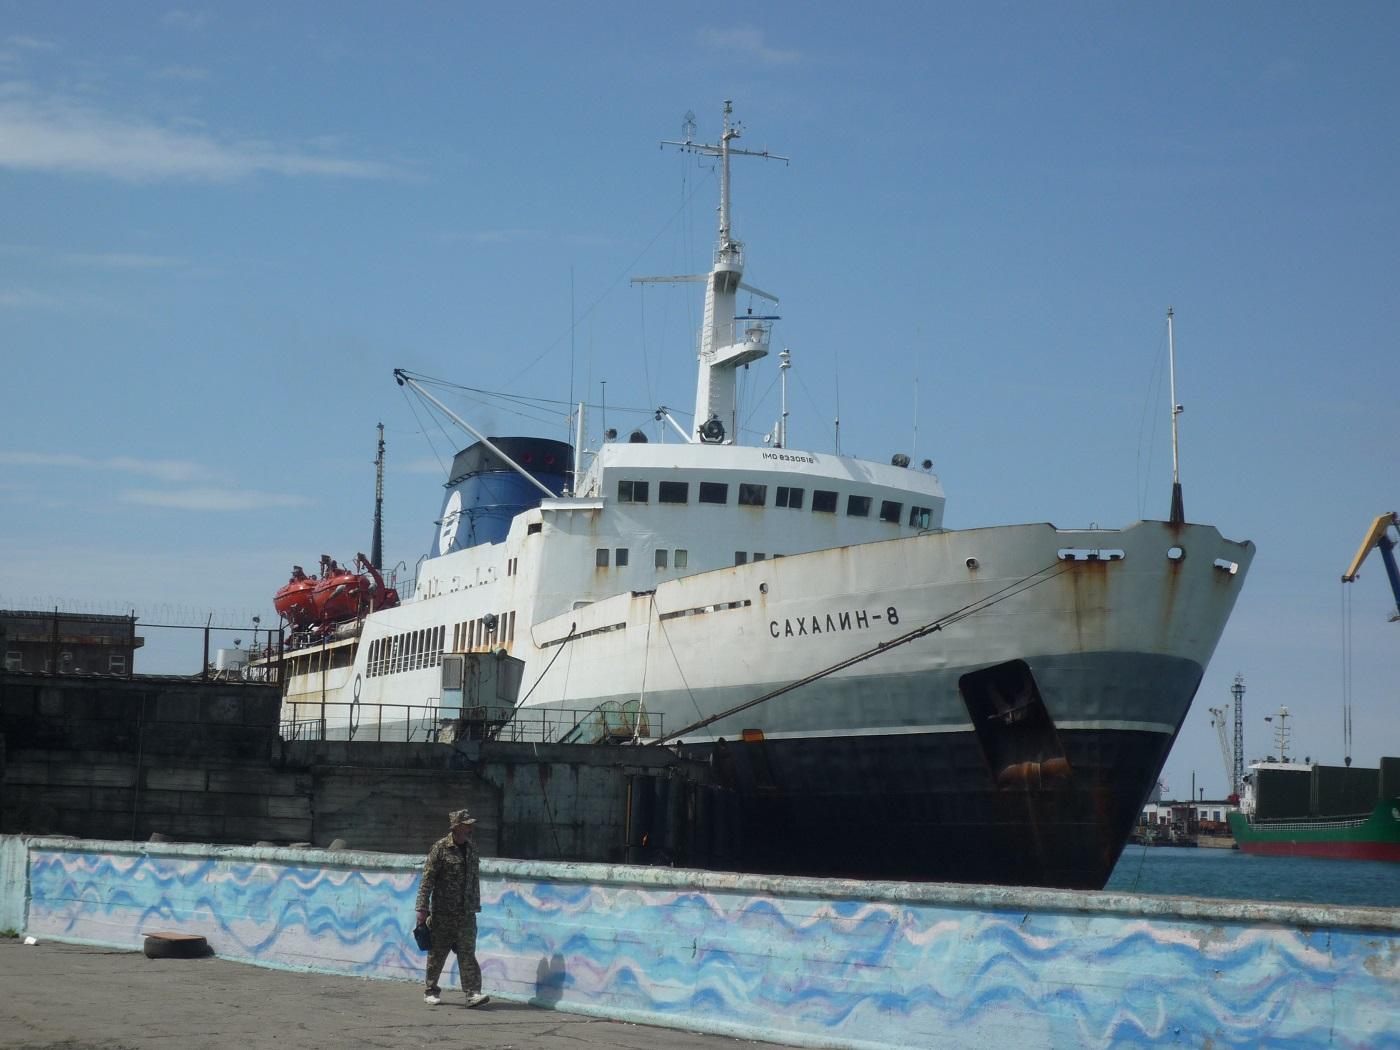 Власти заинтересованы в строительстве двух грузопассажирских паромов для связи Сахалина с материковой частью России